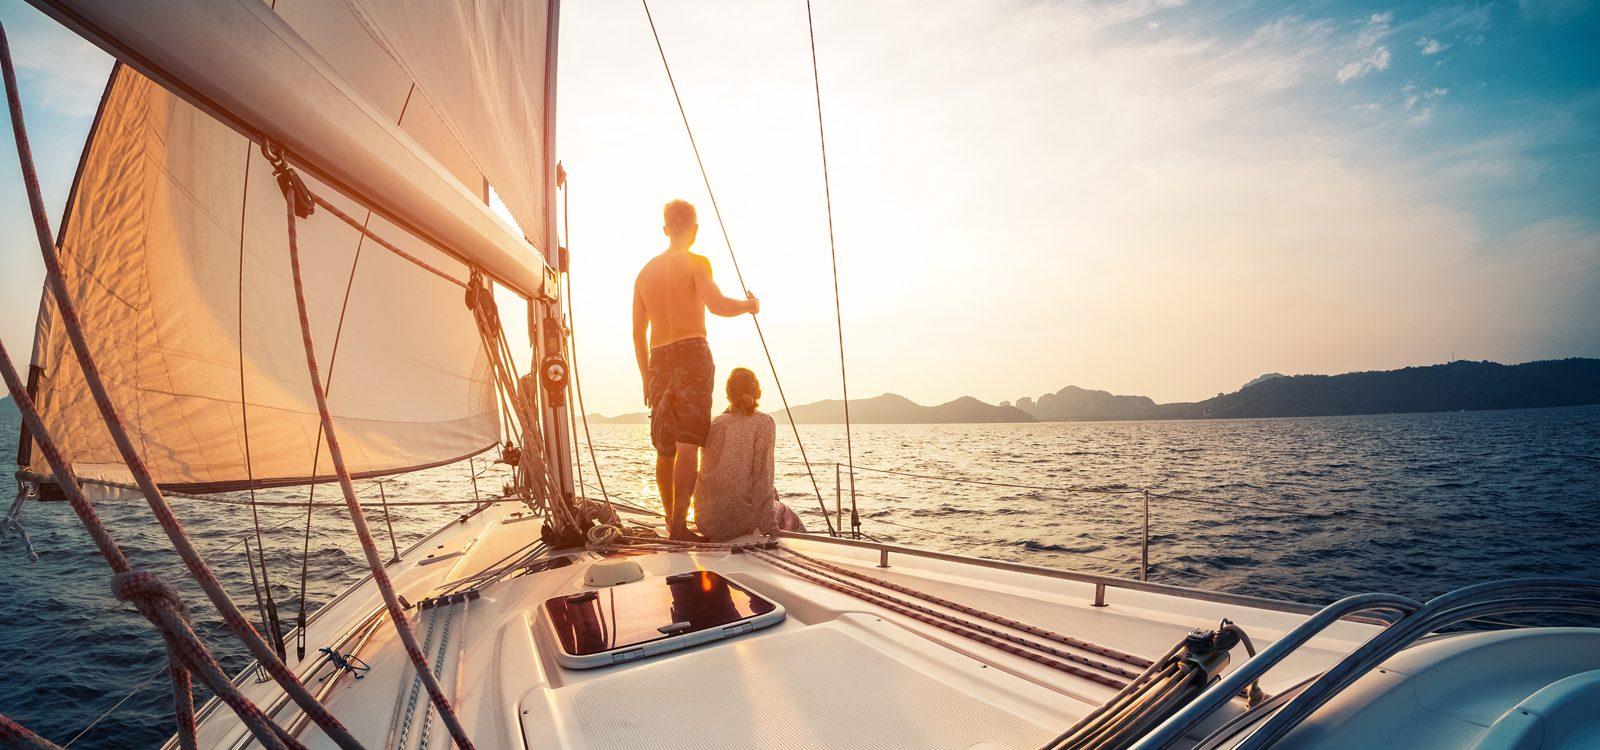 viajes en velero desde Vigo, escapada romántica a bordo con pernoctacion y paseo